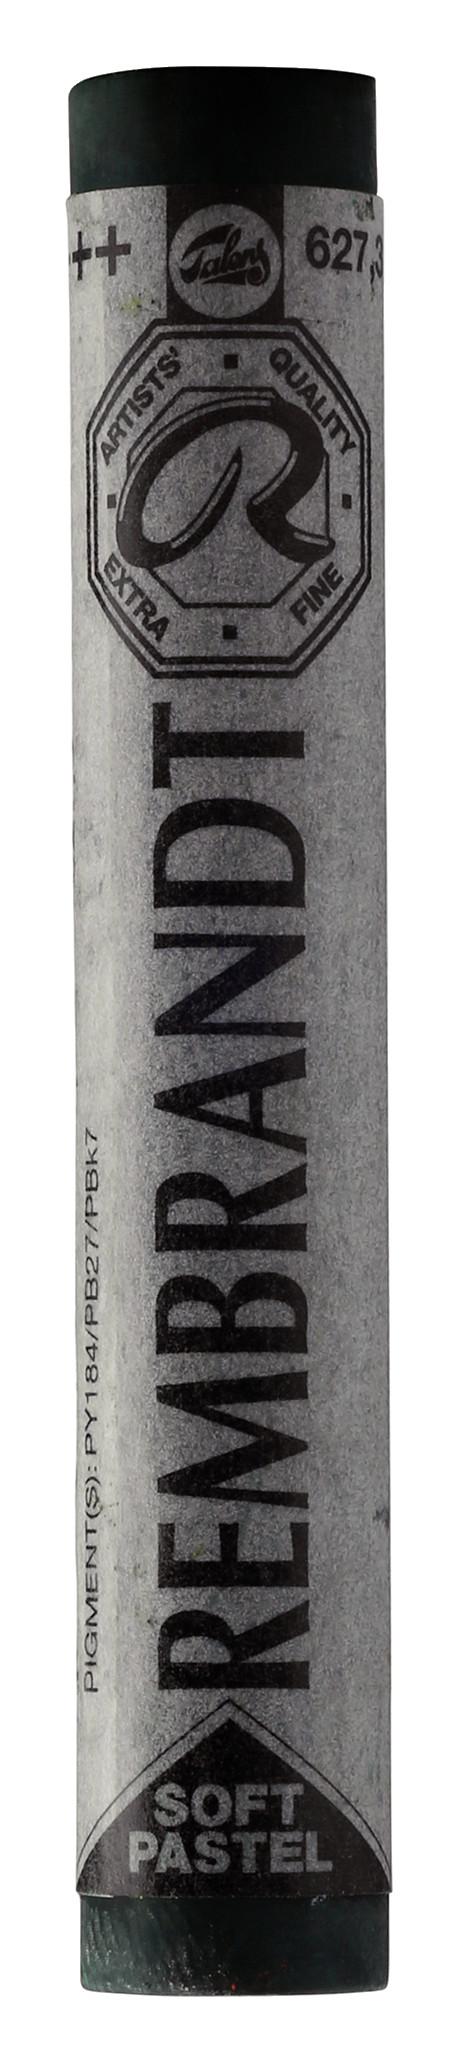 Rembrandt Soft Pastel Round Full Stick Cinnabar Green Deep(3) (627.3)